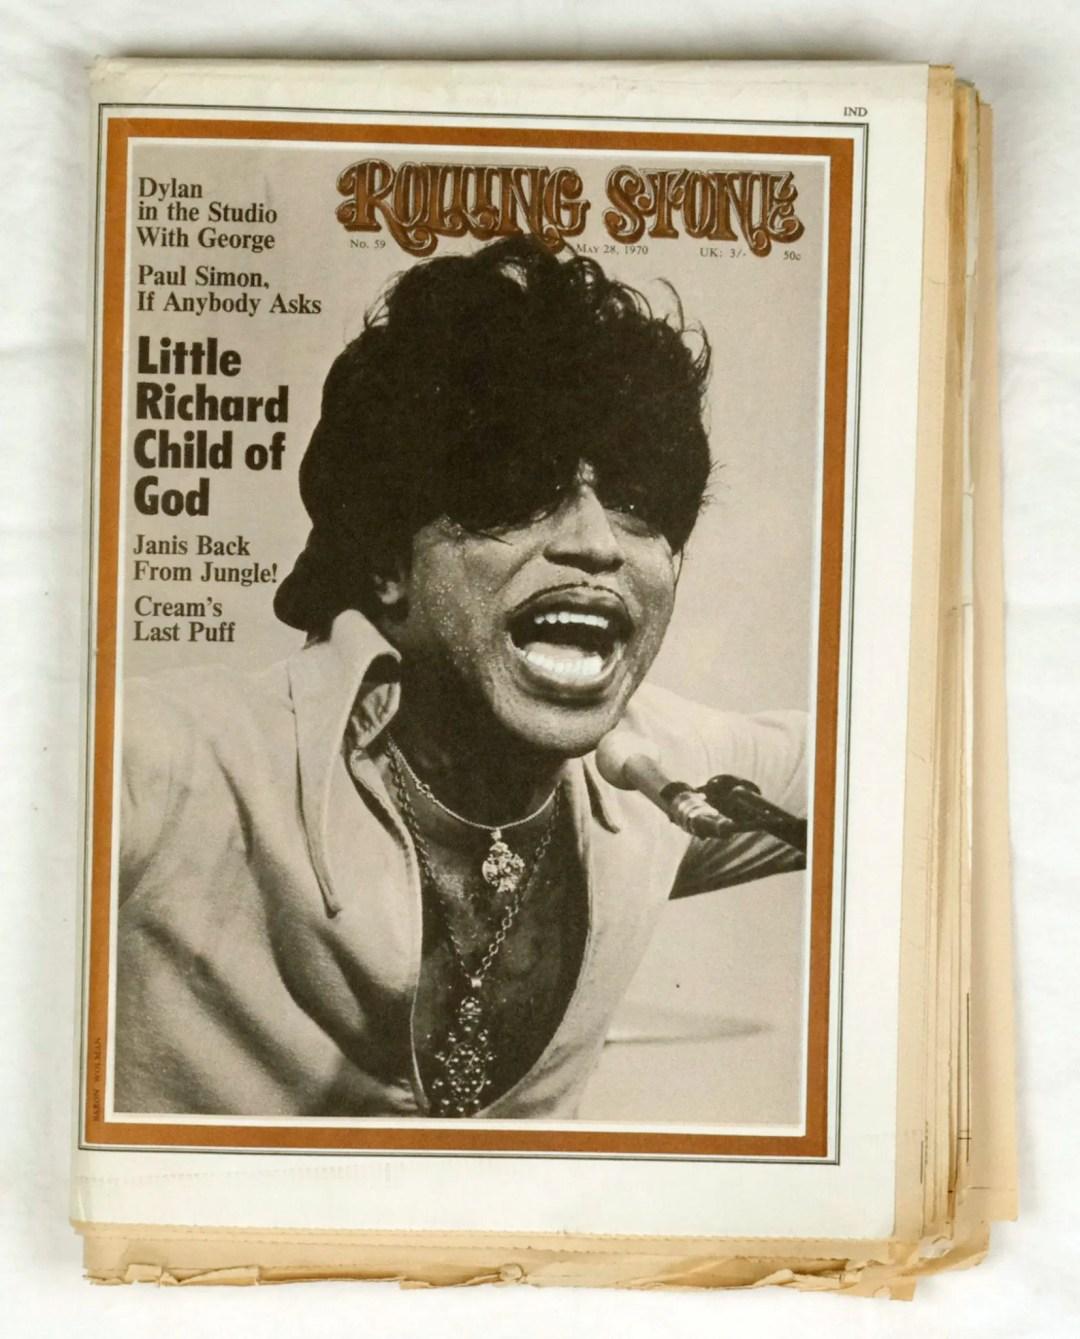 Rolling Stone Magazine 1970 May 28 No. 59 Little Richard